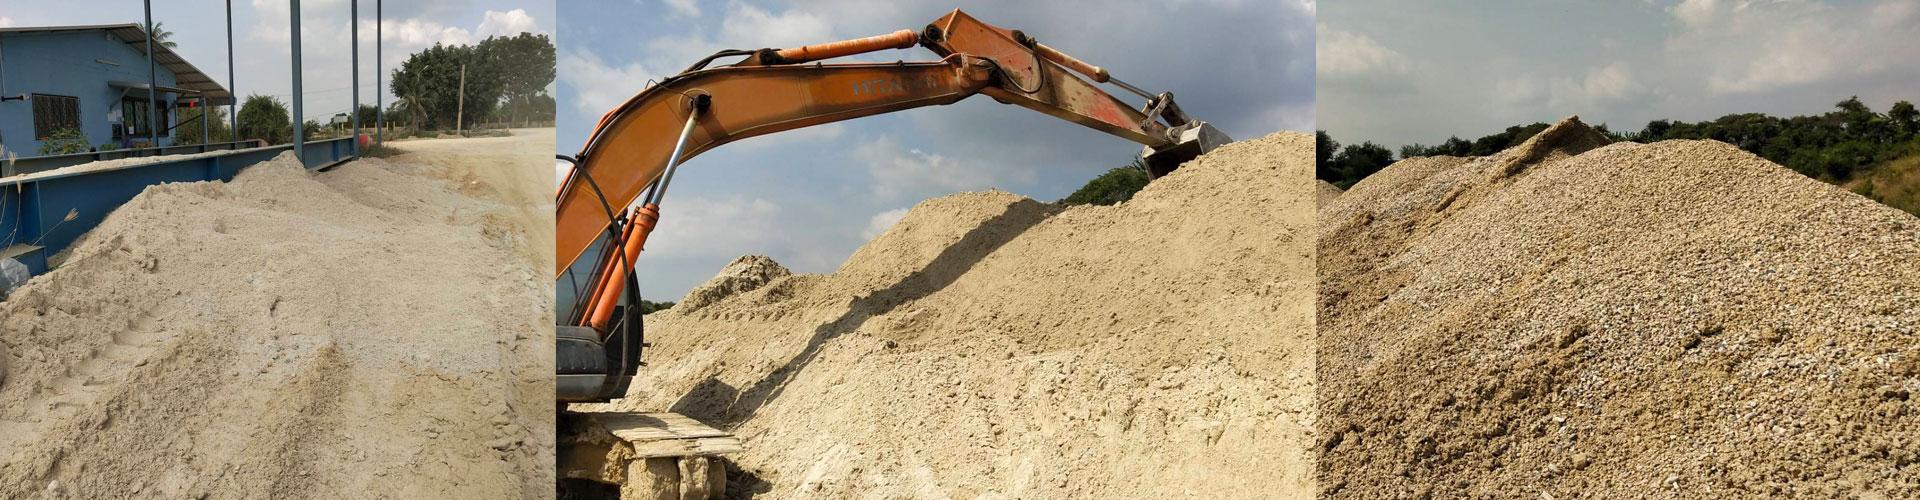 บริษัท ปฐมวัฒนพาณิชย์การแร่ จำกัด ขุดตักดิน ร่อนล้างทราย ดูดทราย จำหน่ายวัสดุก่อสร้าง หิน ดิน ทราย